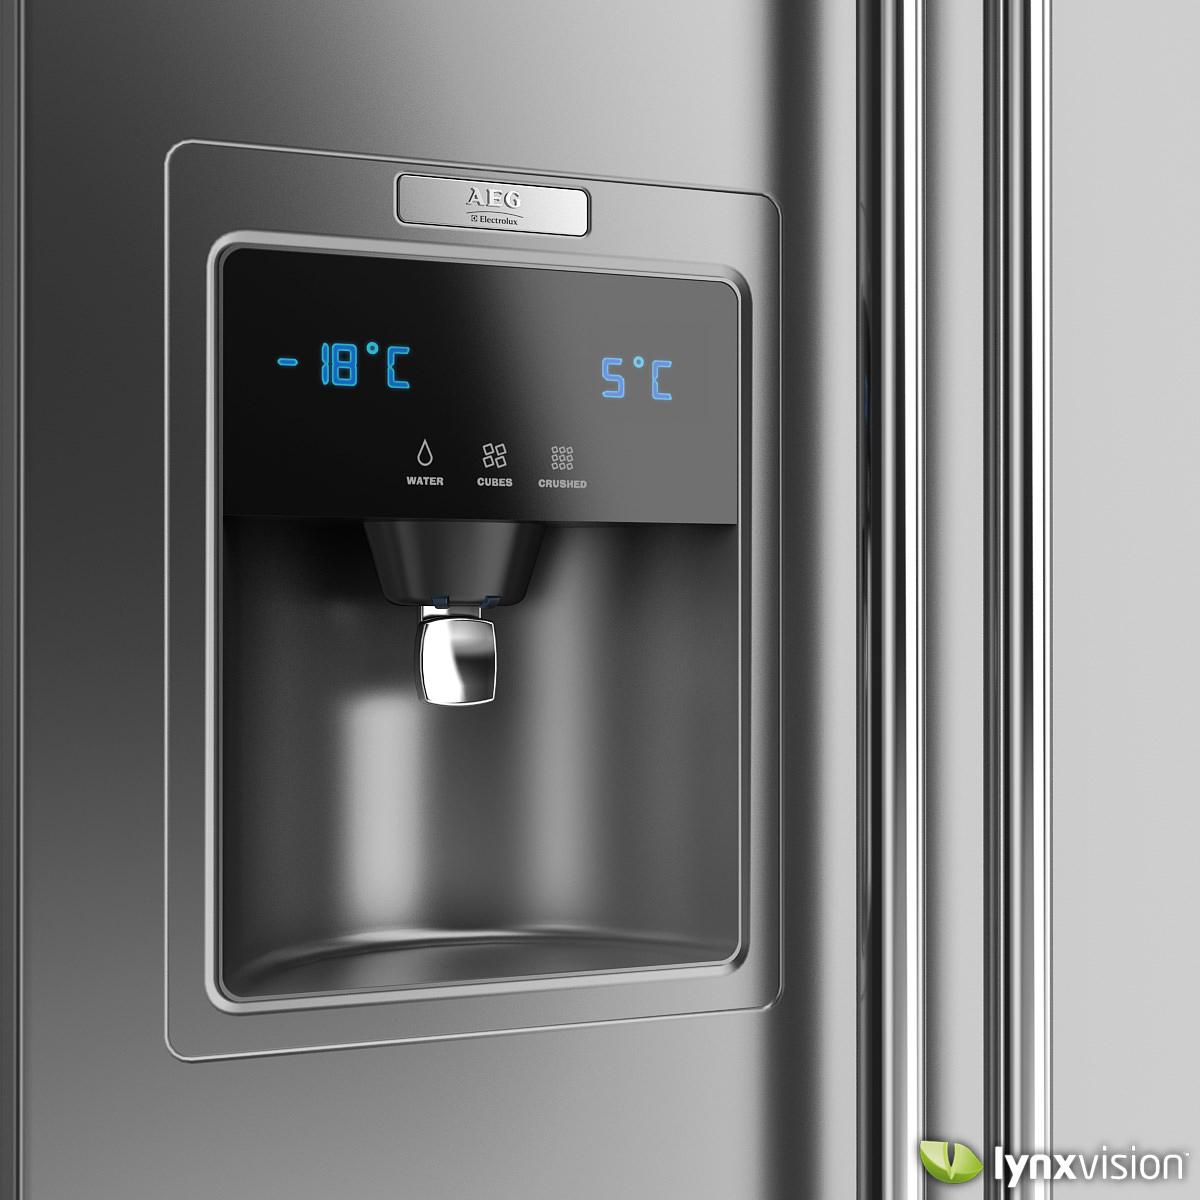 electrolux side by side refrigerator 3d model max obj fbx. Black Bedroom Furniture Sets. Home Design Ideas